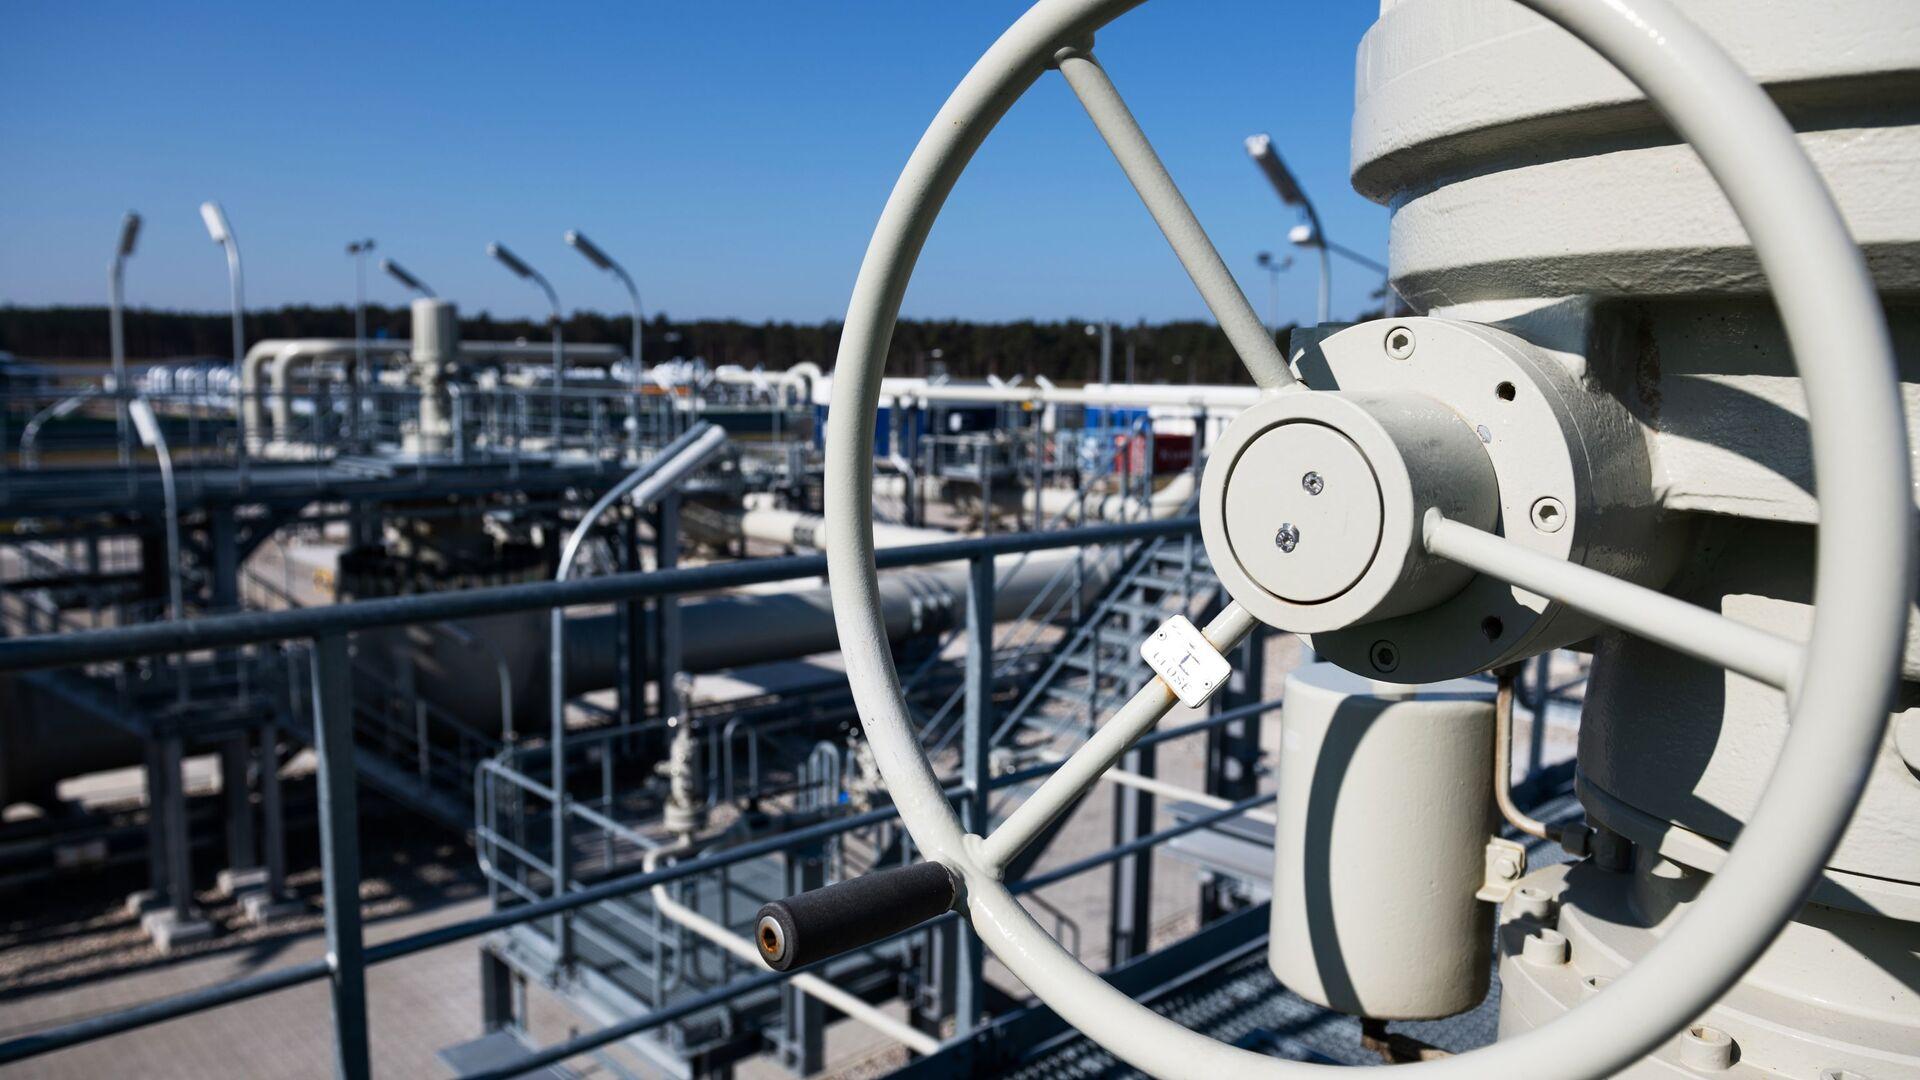 Pobřežní objekty na území plynárenského rozdělovacího centra plynovodu Nord Stream 2 v německém městě Lubmin. - Sputnik Česká republika, 1920, 04.05.2021